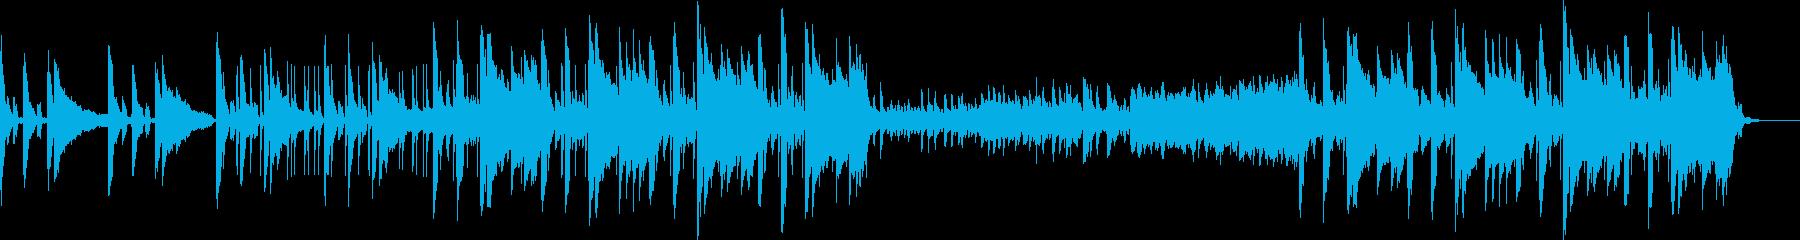 ポップ テクノ 代替案 アンビエン...の再生済みの波形